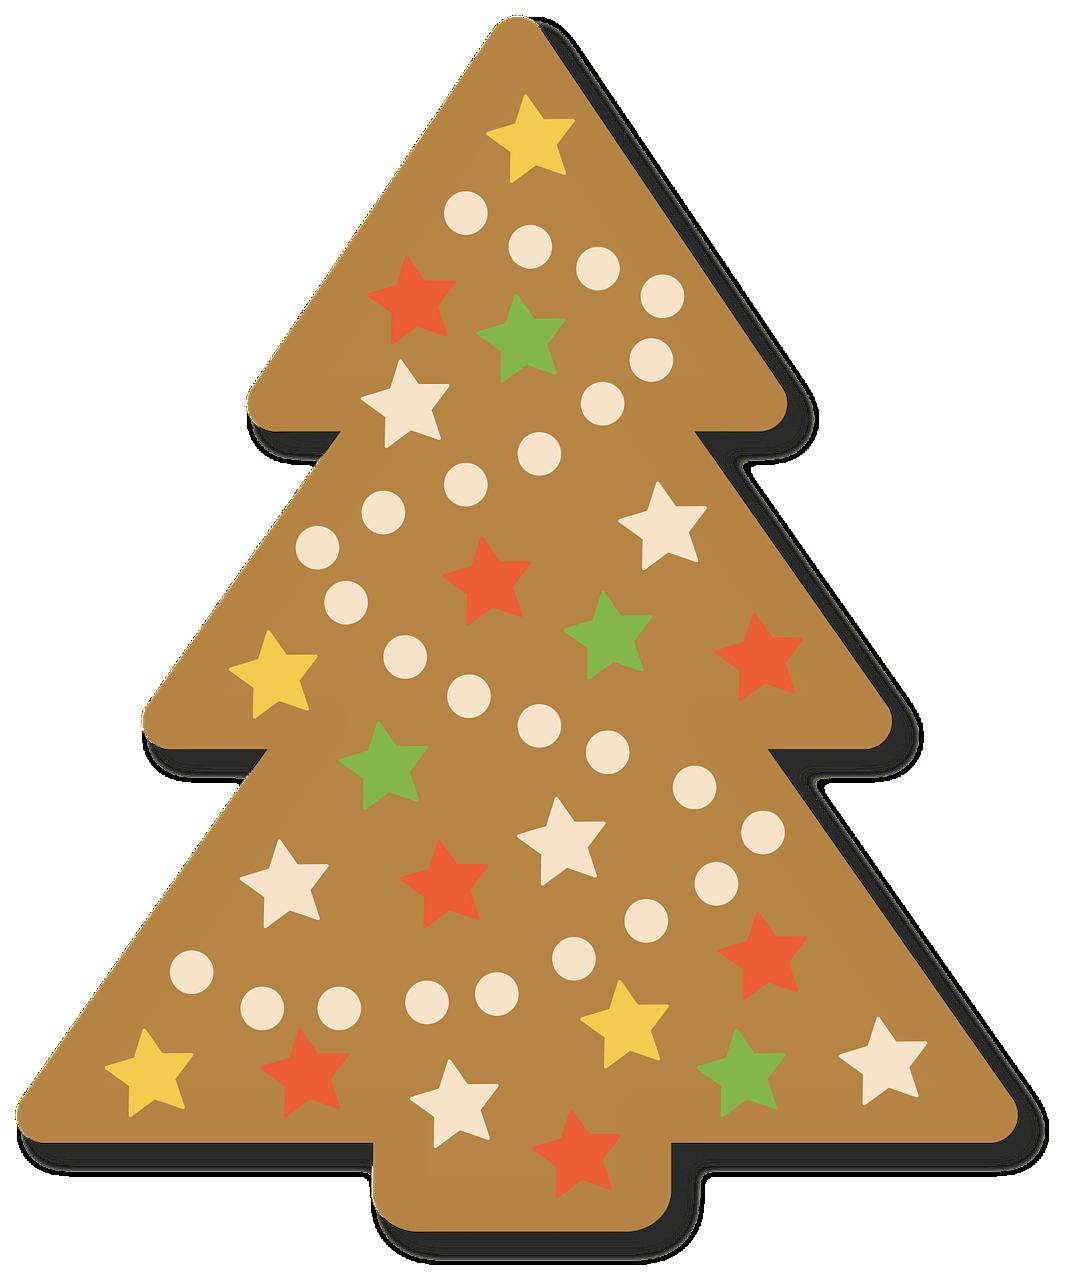 Nachhaltig schenken – Geschenkideen für Weihnachten